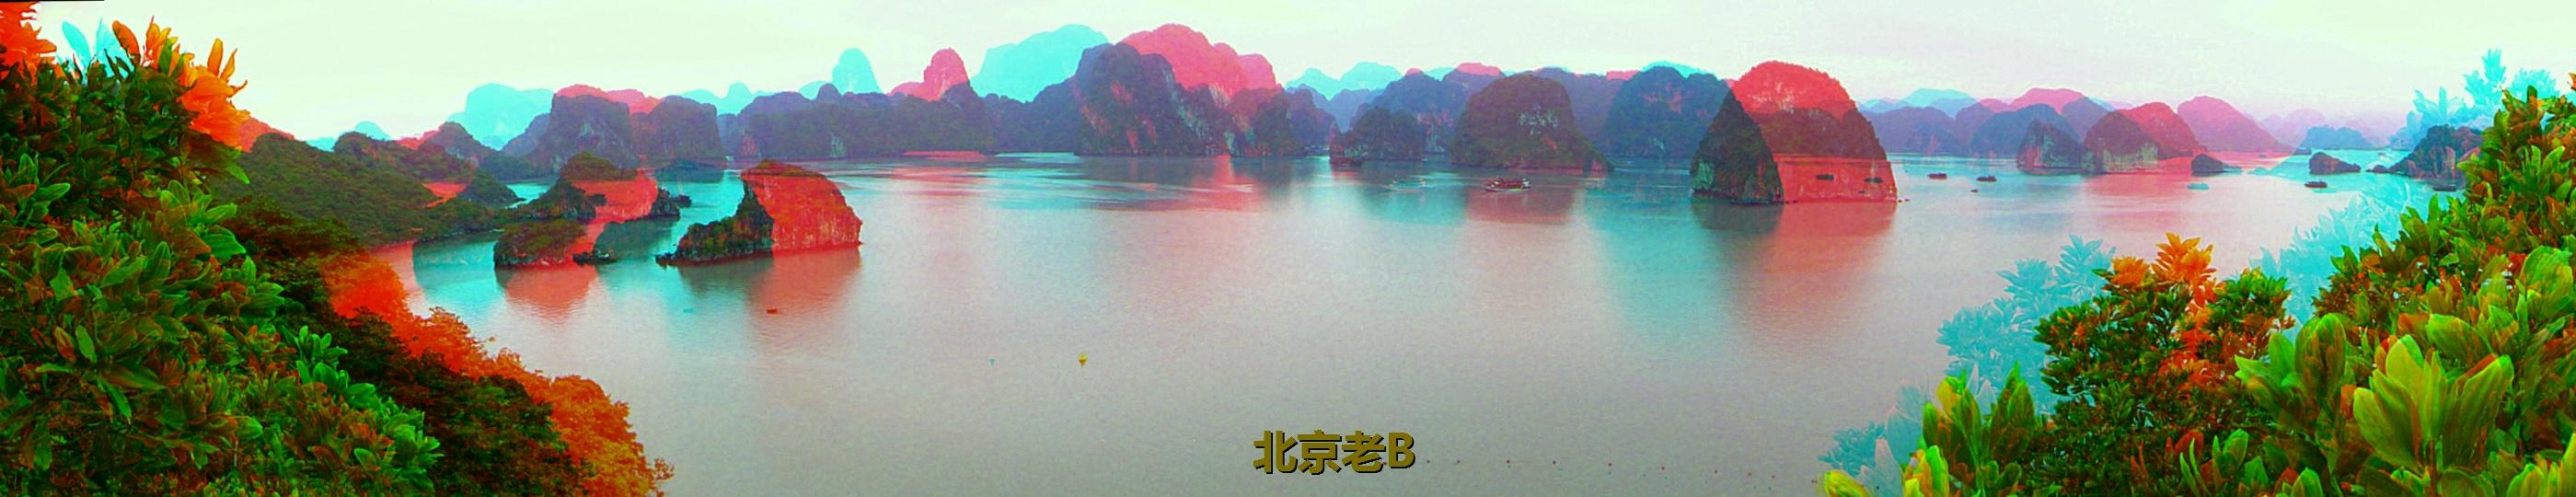 3DSC01624x540.jpg